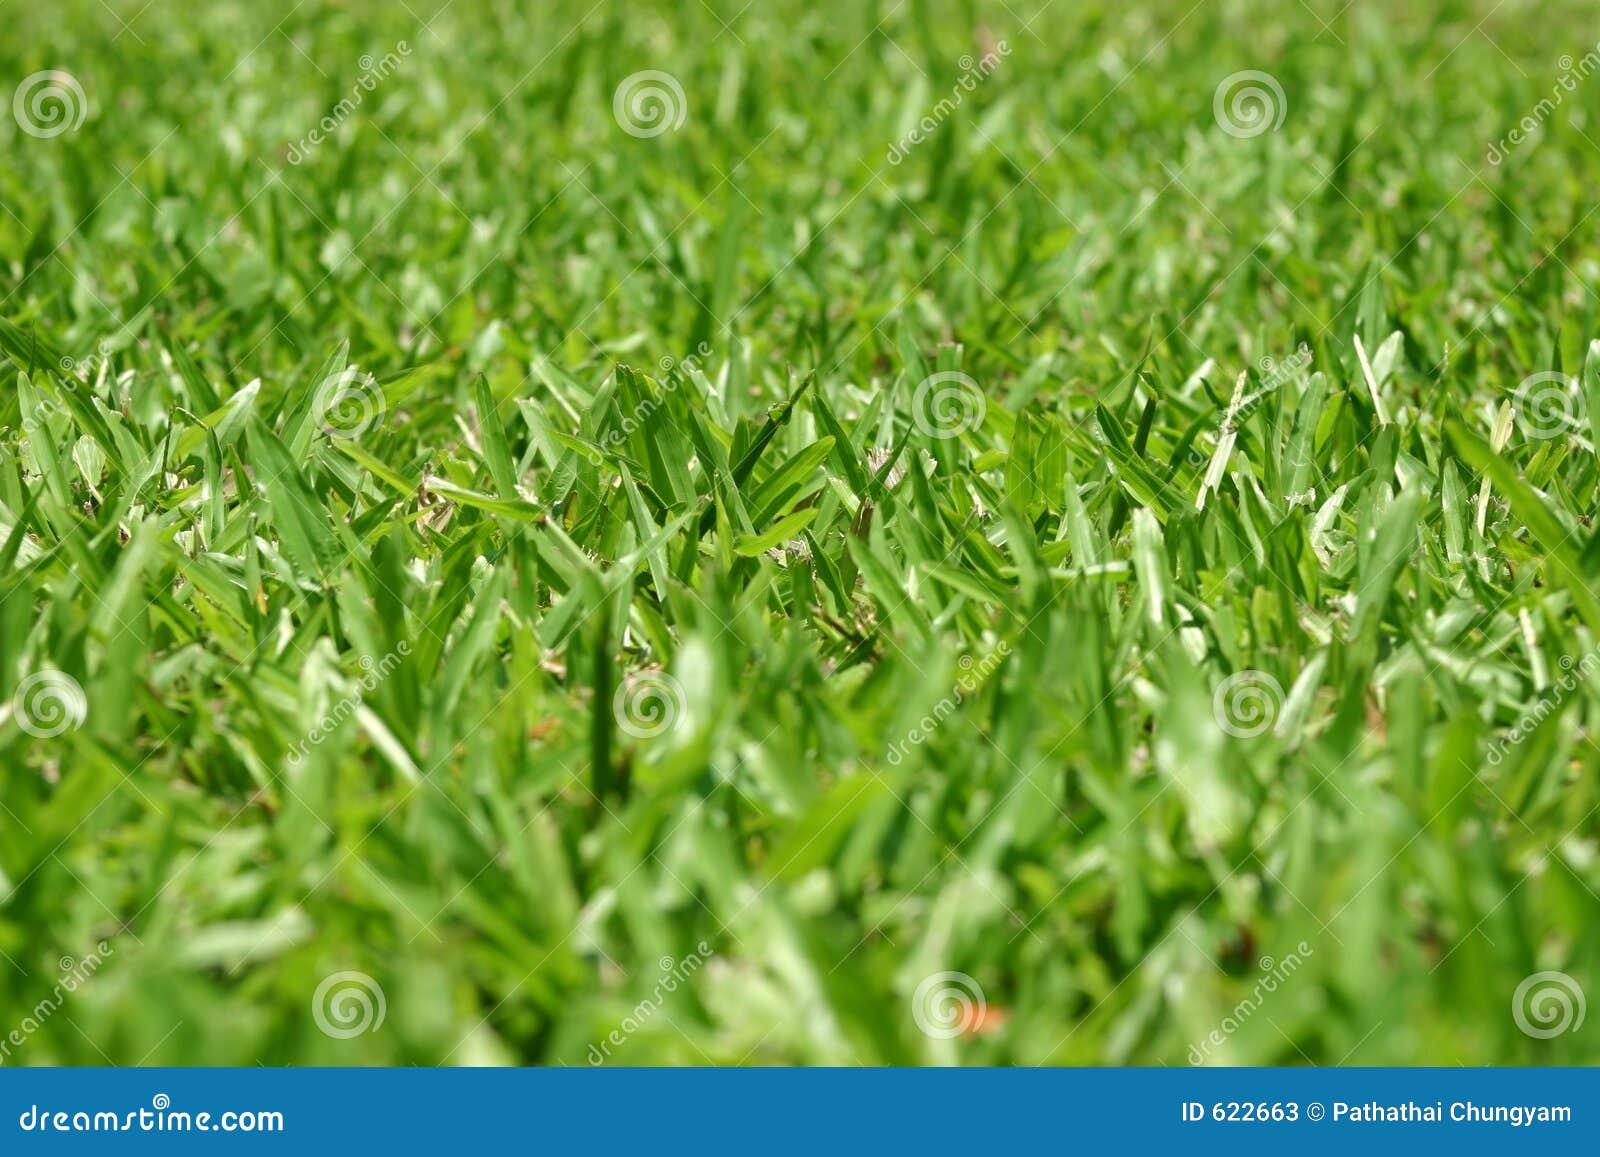 Groene grasachtergrond